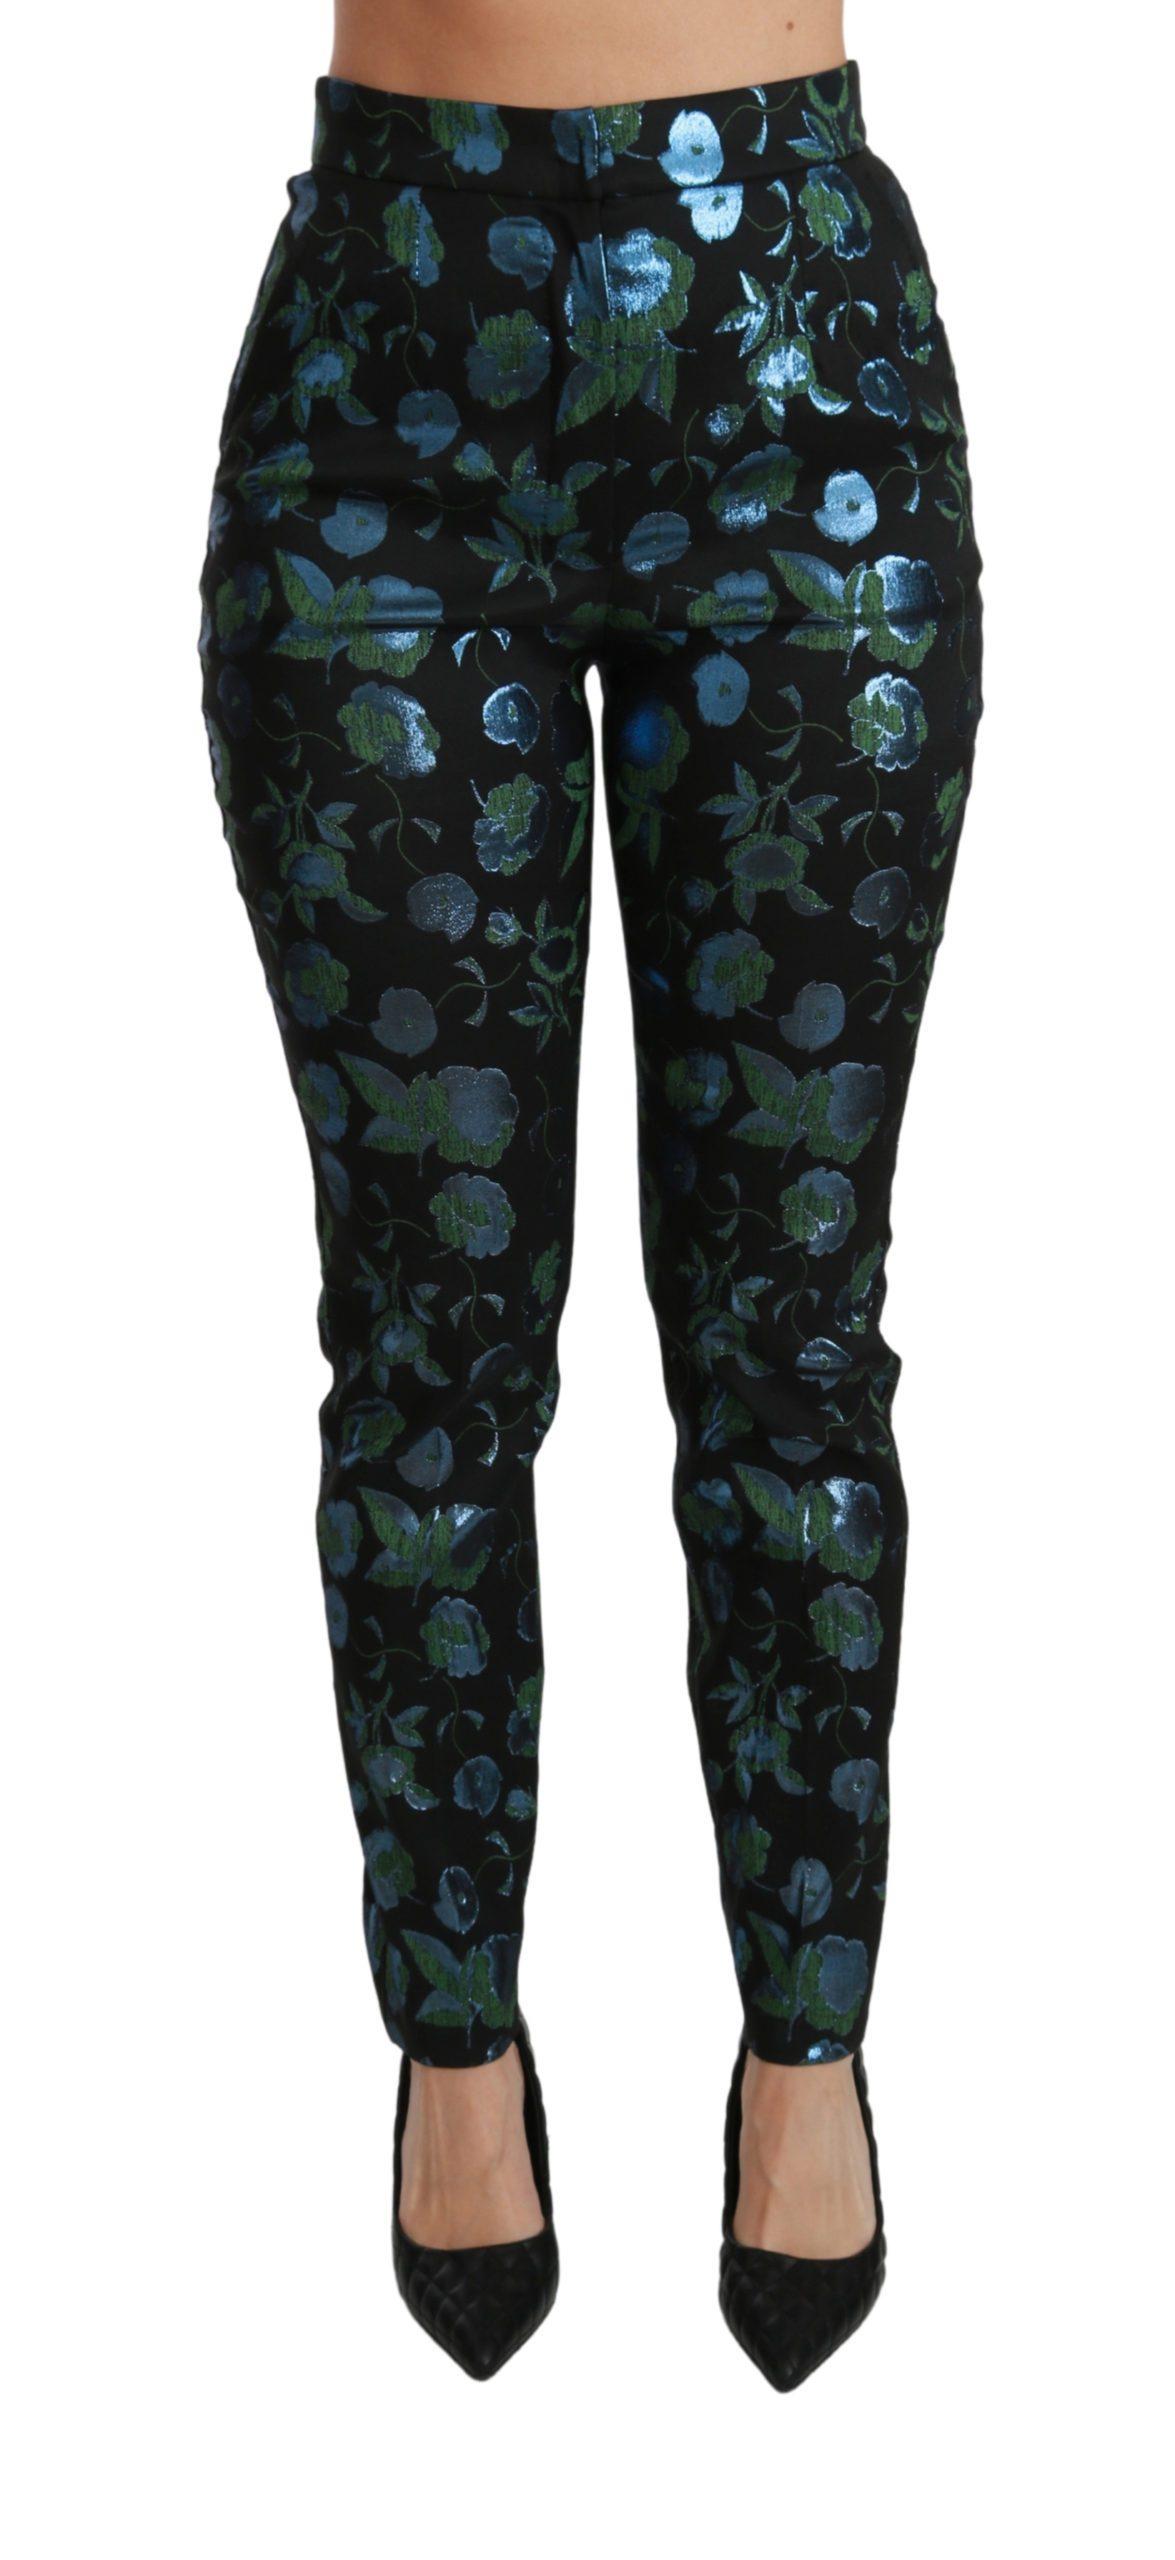 Dolce & Gabbana Women's Floral Metallic Slim Trouser Black PAN70829 - IT40|S